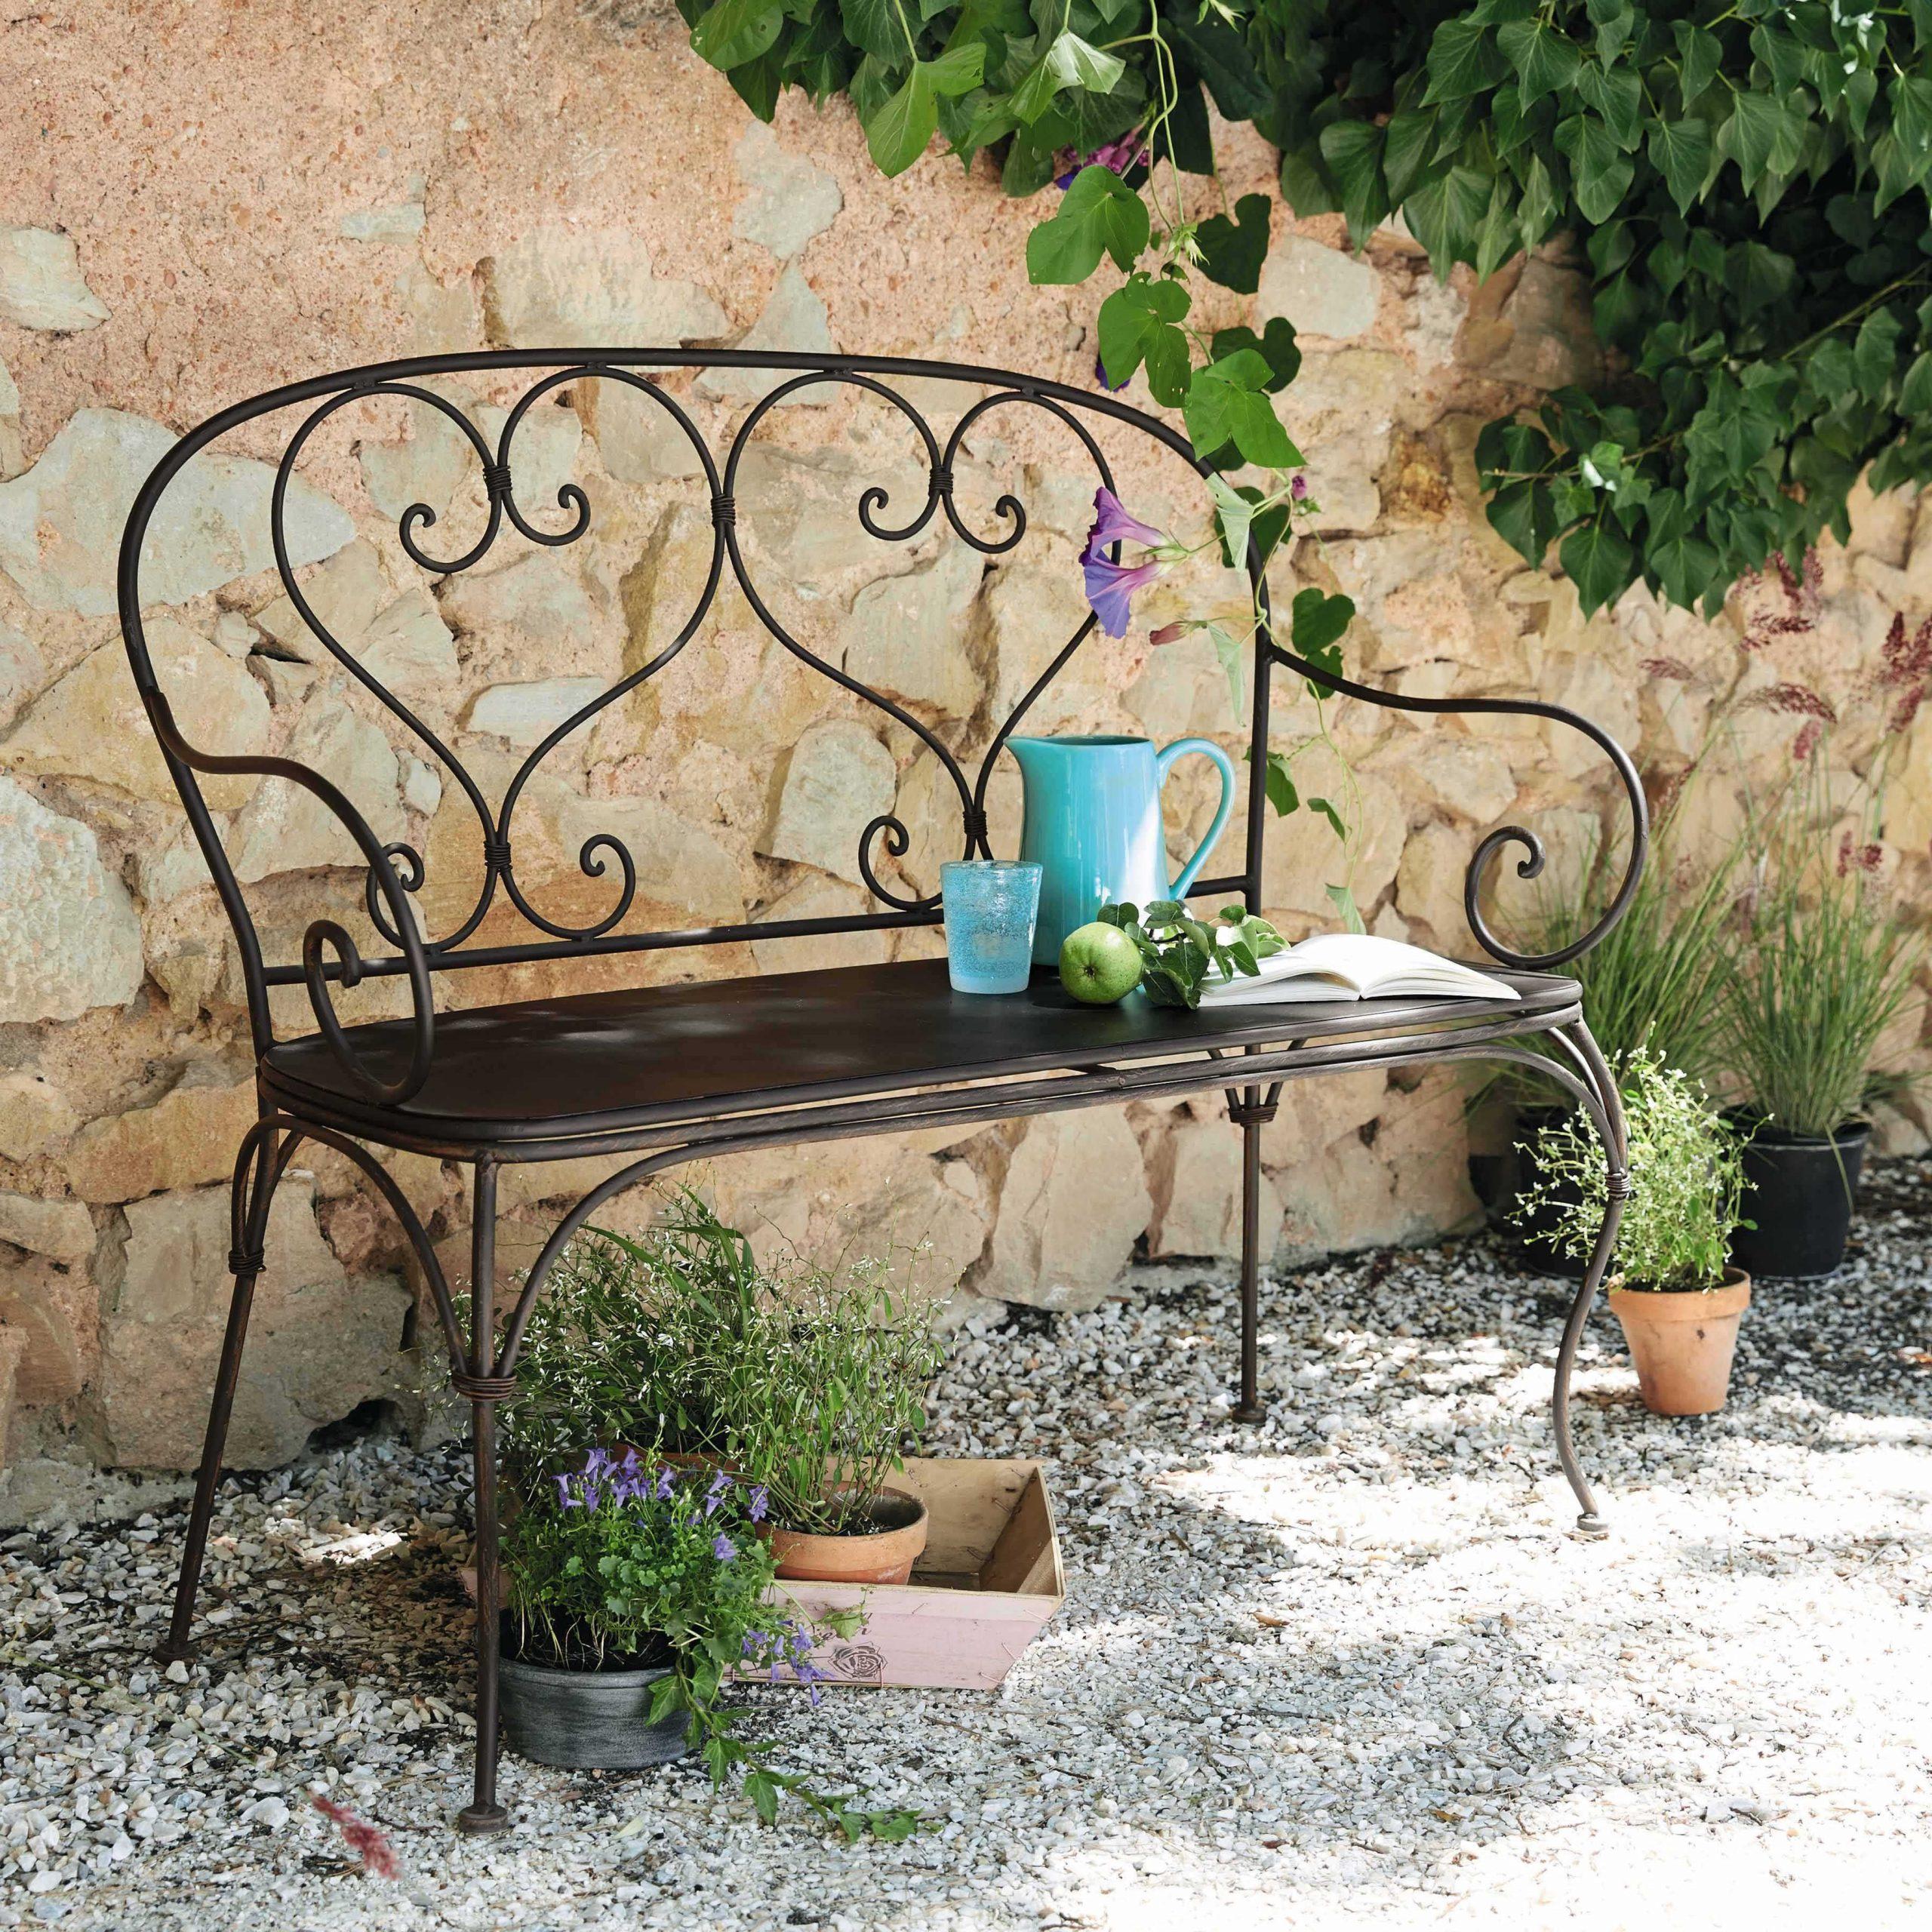 Mobilier De Jardin   Banquette Jardin, Mobilier Jardin Et ... tout Décoration Jardin Fer Forgé